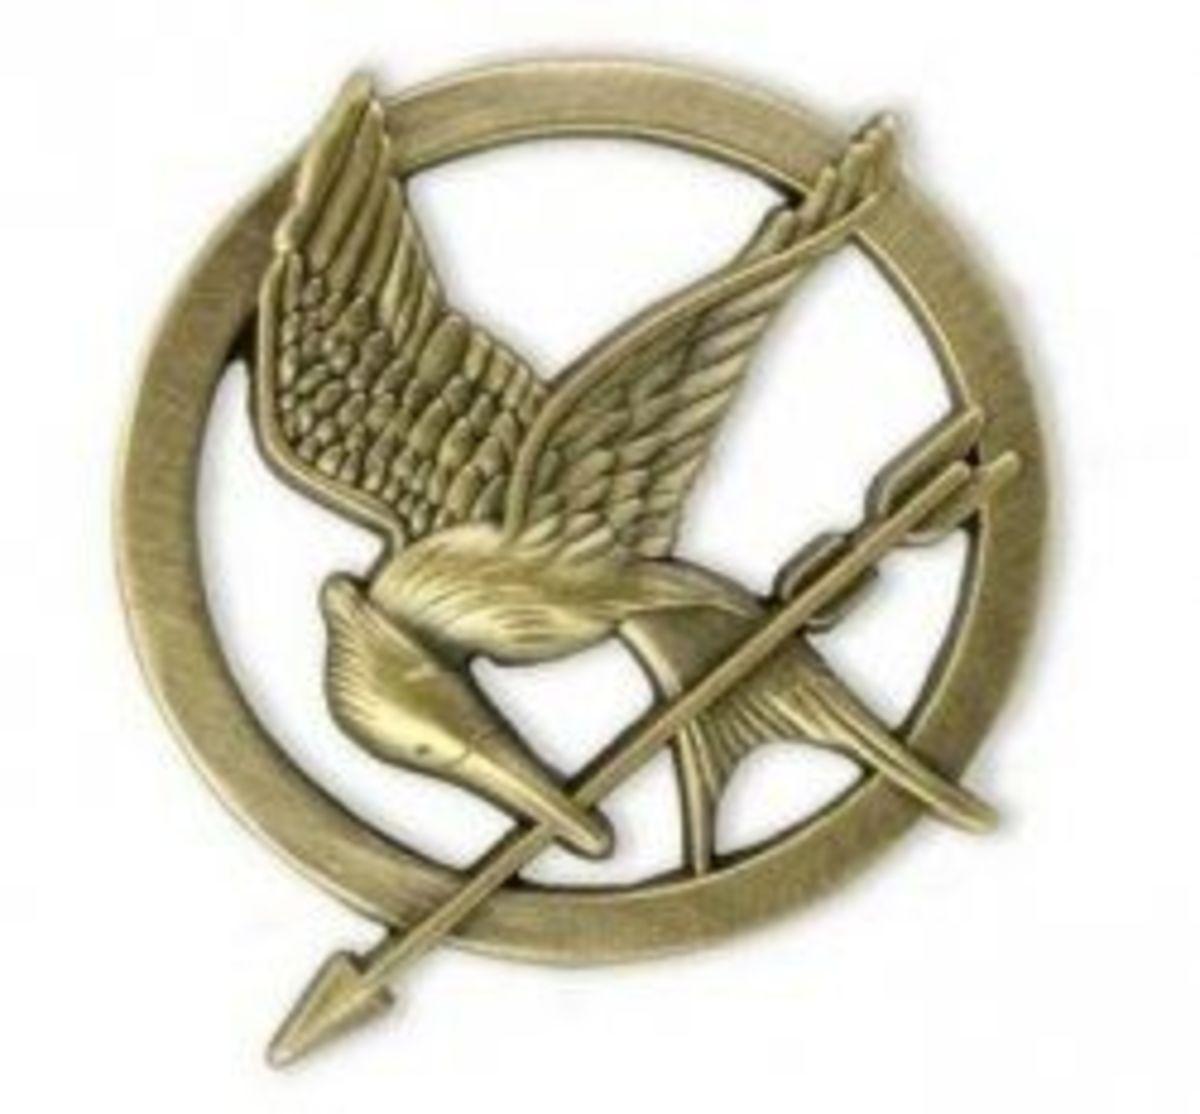 A Mockingjay pin